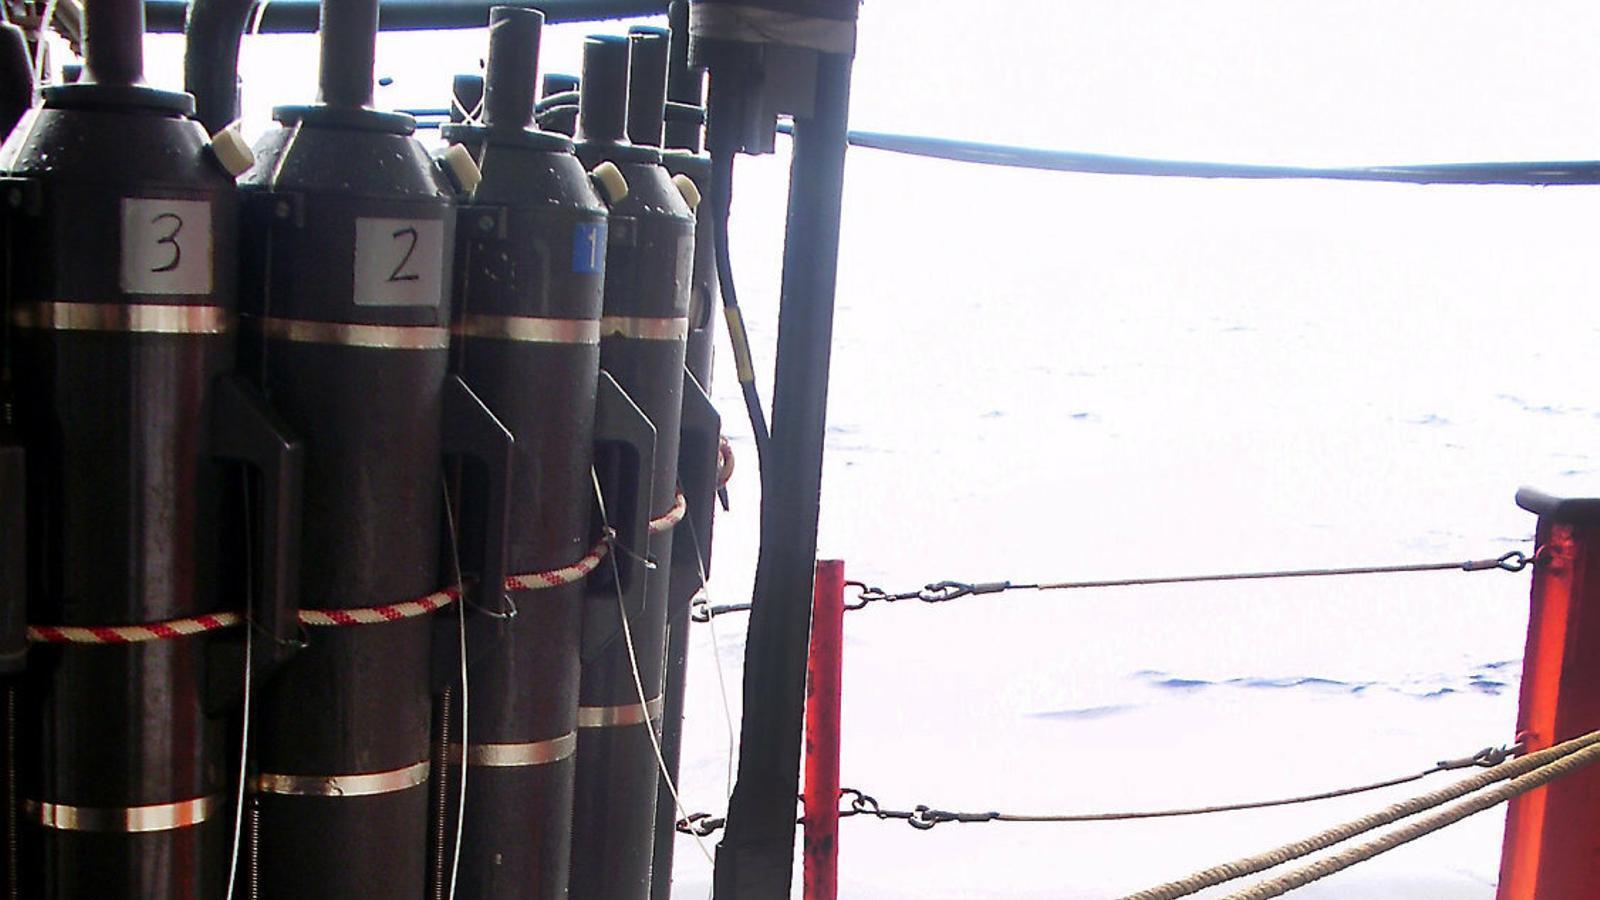 La científica Cristina Romera prepara un aparell per agafar mostres  d'aigua marina a la coberta del vaixell oceanogràfic García del Cid.